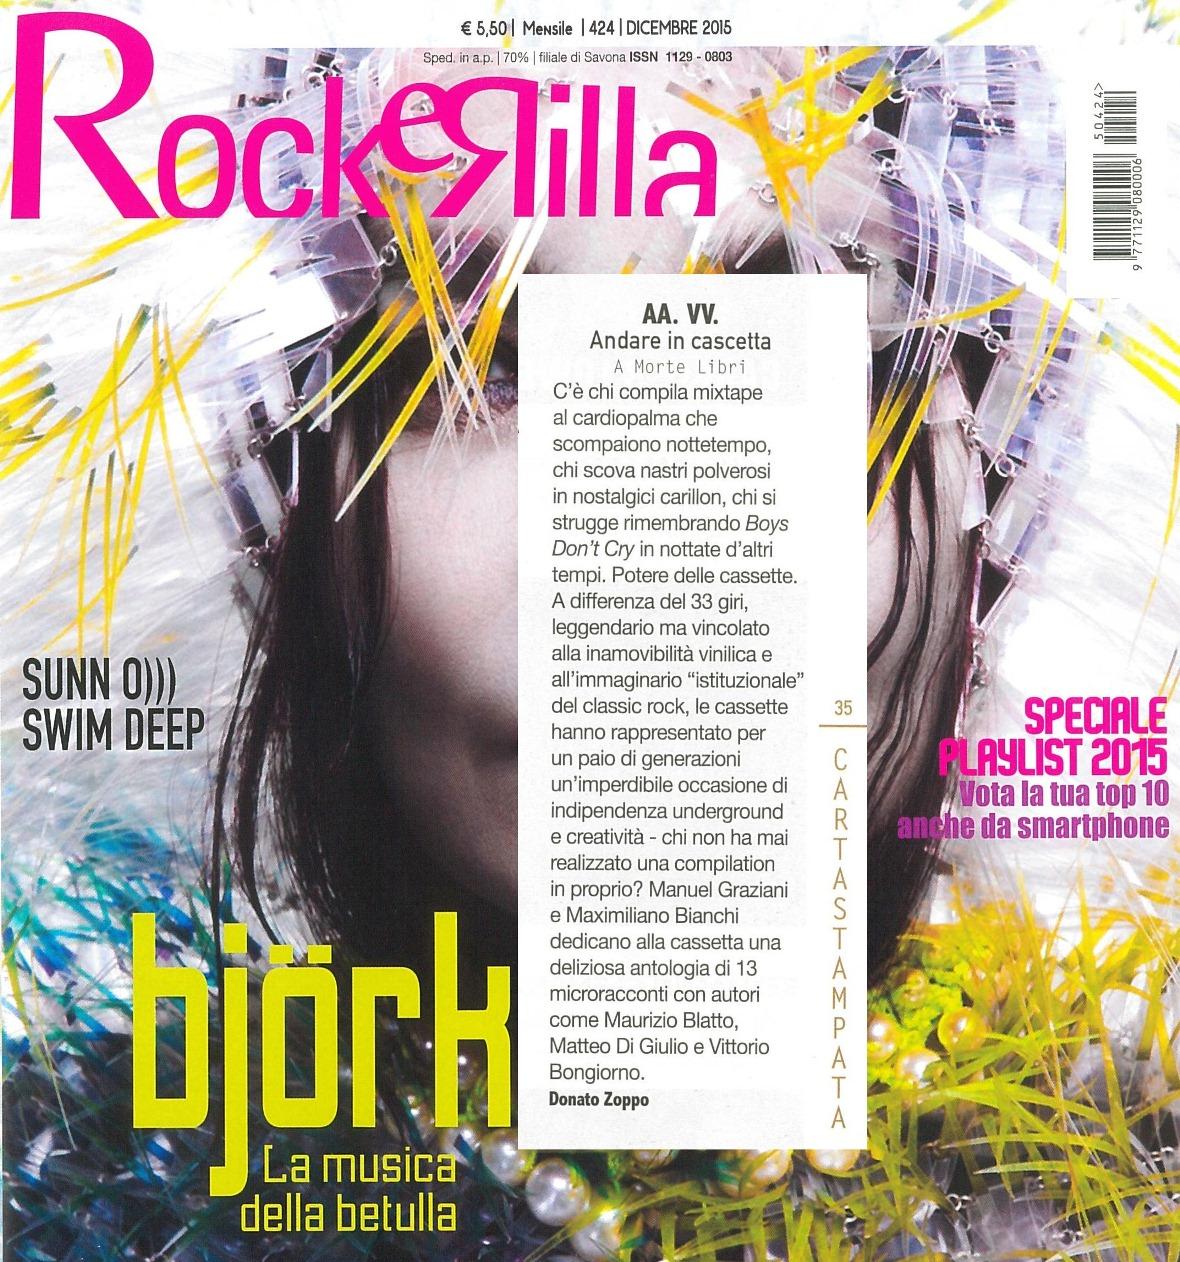 """""""Andare in cascetta"""" Rockerilla - dicembre 2015"""